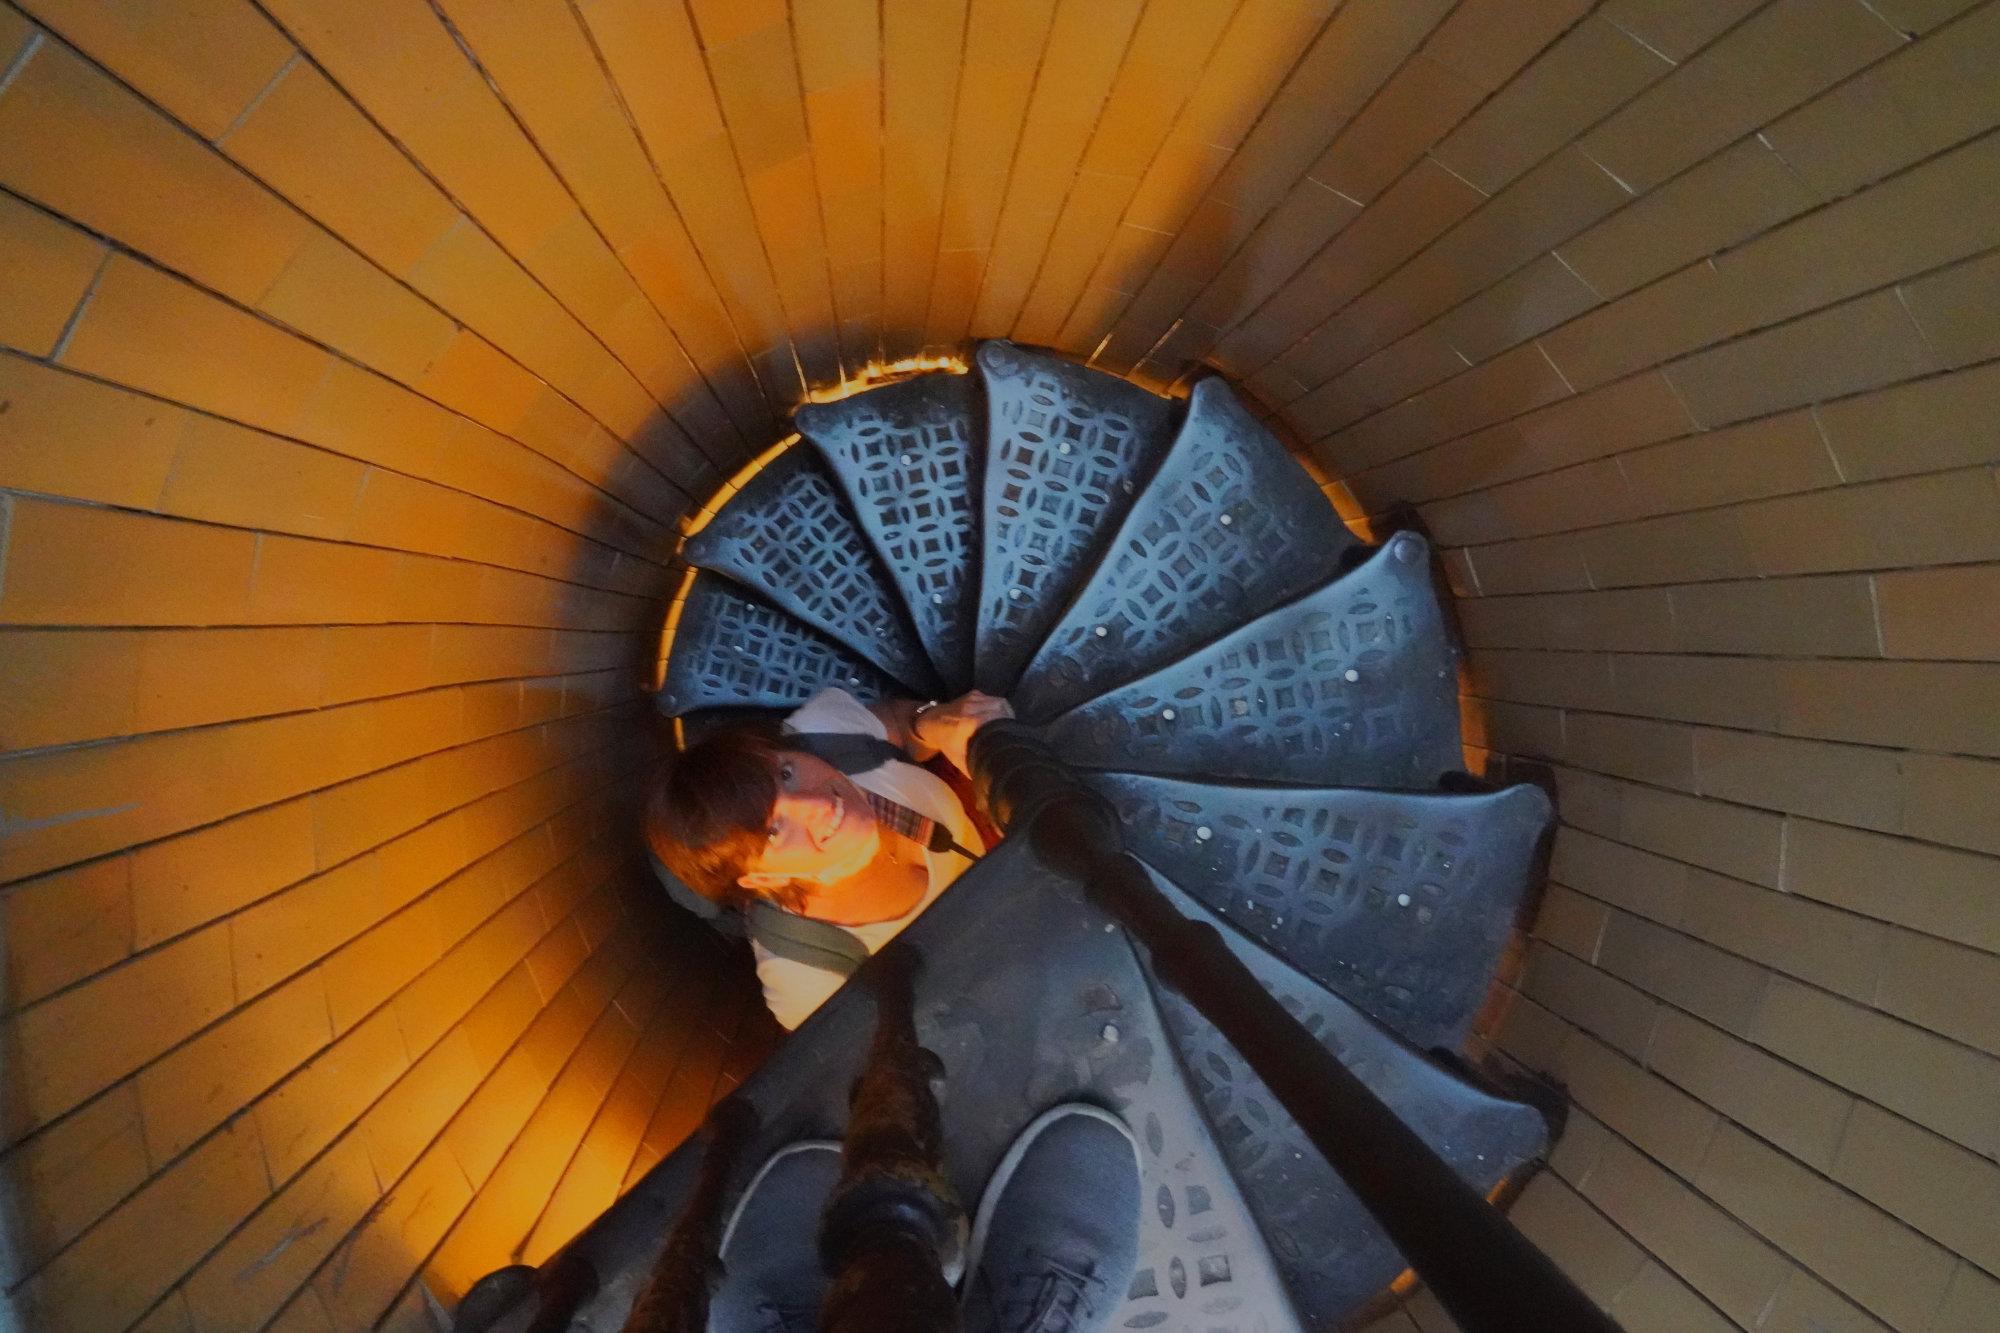 Vatikan Petersdom Kuppel Wendeltreppe